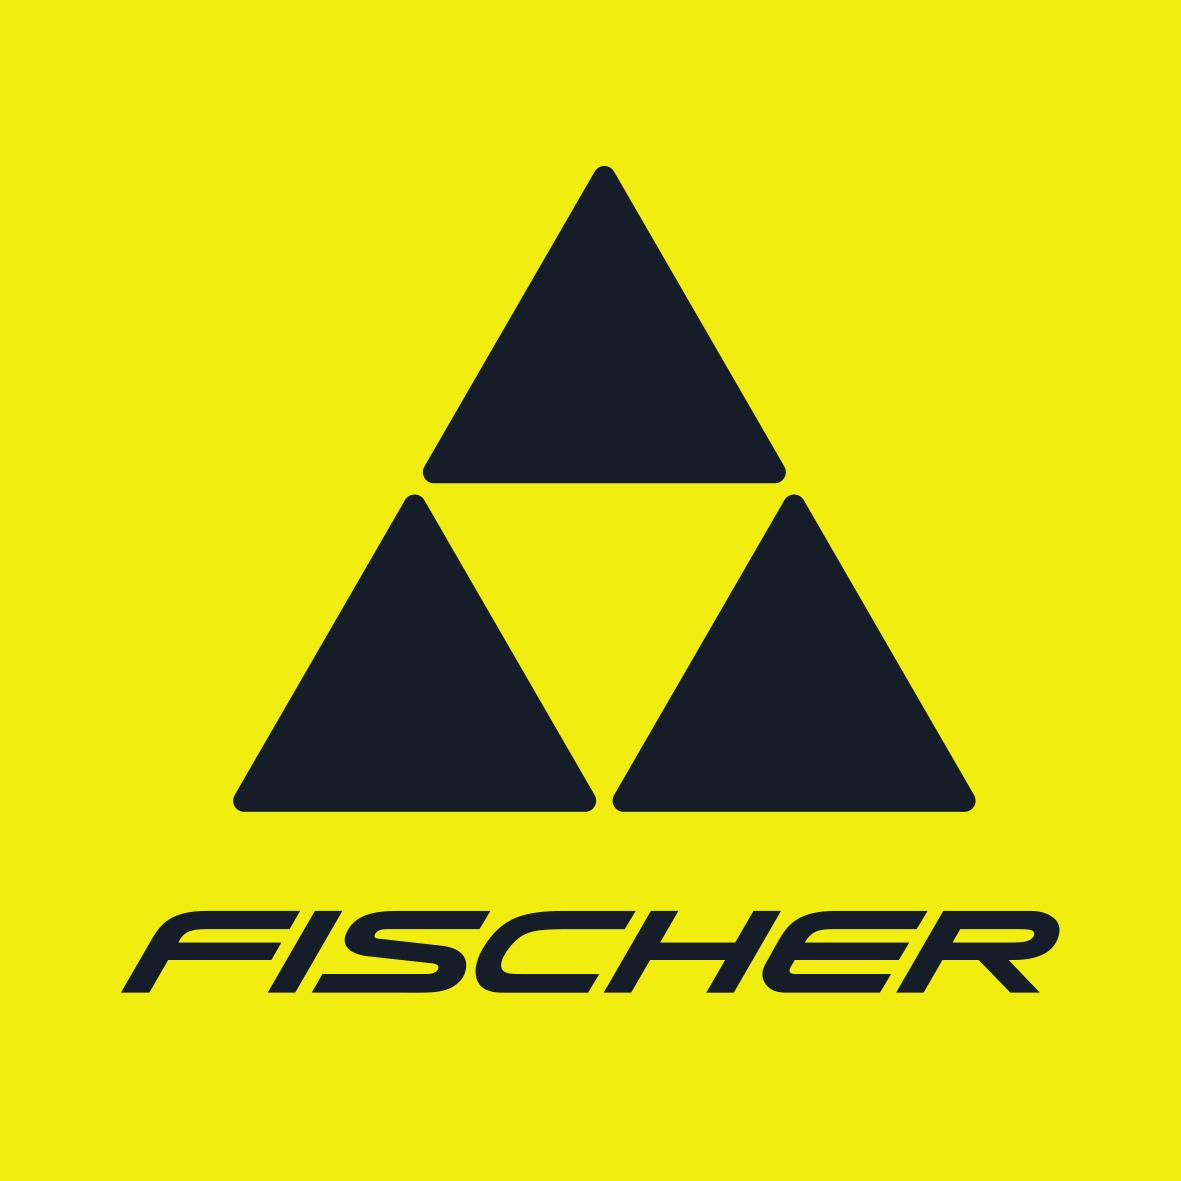 Fischer Tourenski